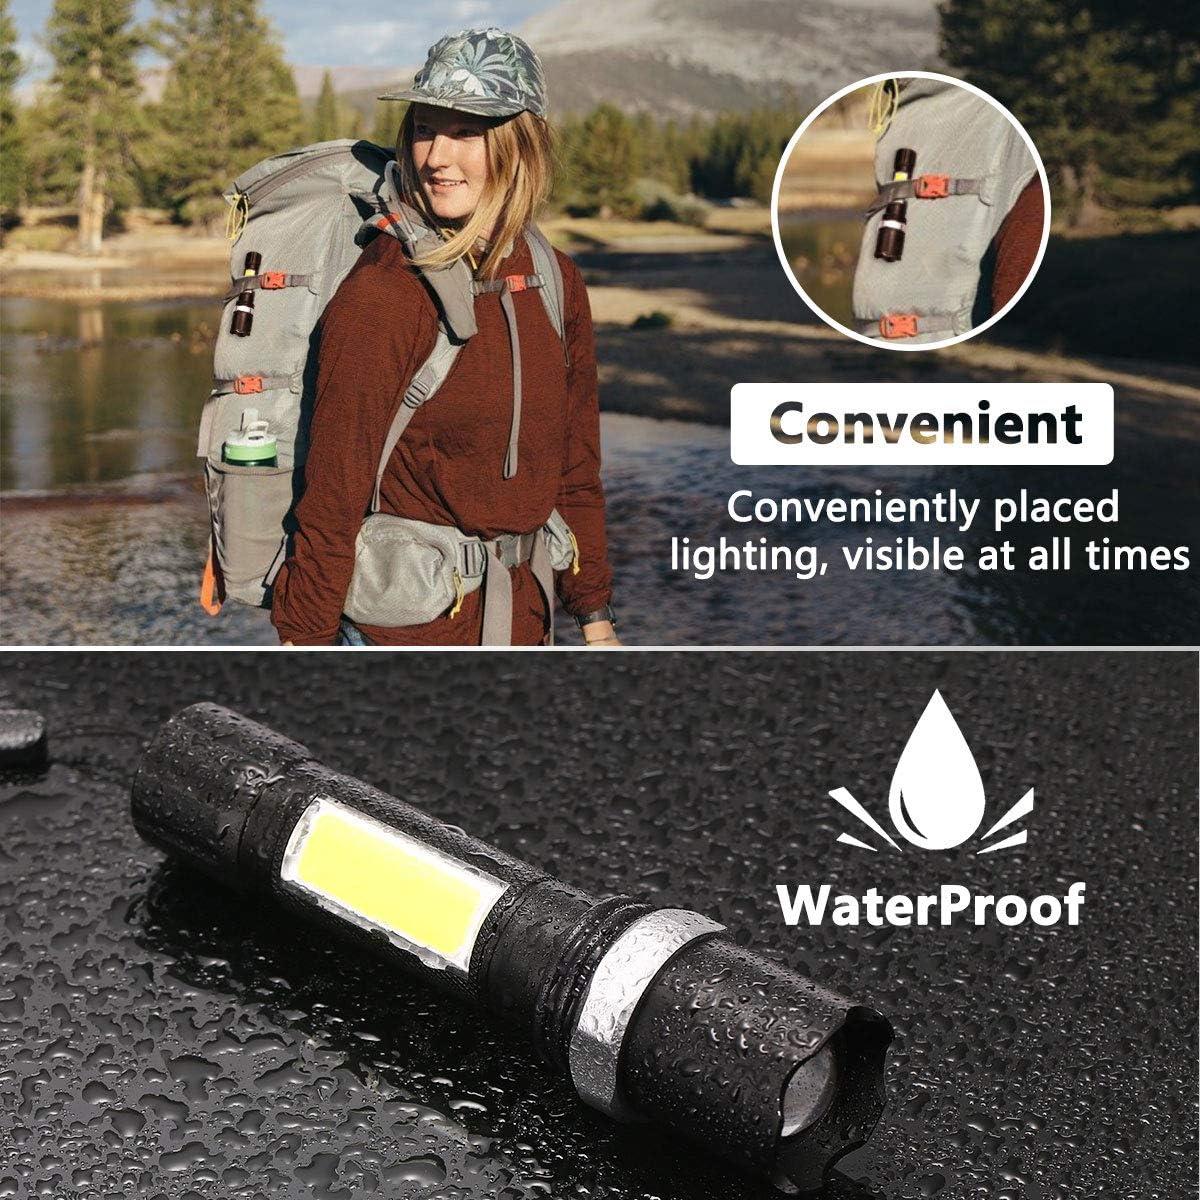 600 Lumen Taschenlampe mit 4 Modi und Lange Arbeitzeit,IPX5 Wasserdicht Zoombar f/ür Outdoor,Stromausf/älle,Notf/älle,Enth/ält USB-Kabel Fulighture Taschenlampe LED,USB Wiederaufladbare Taschenlampen